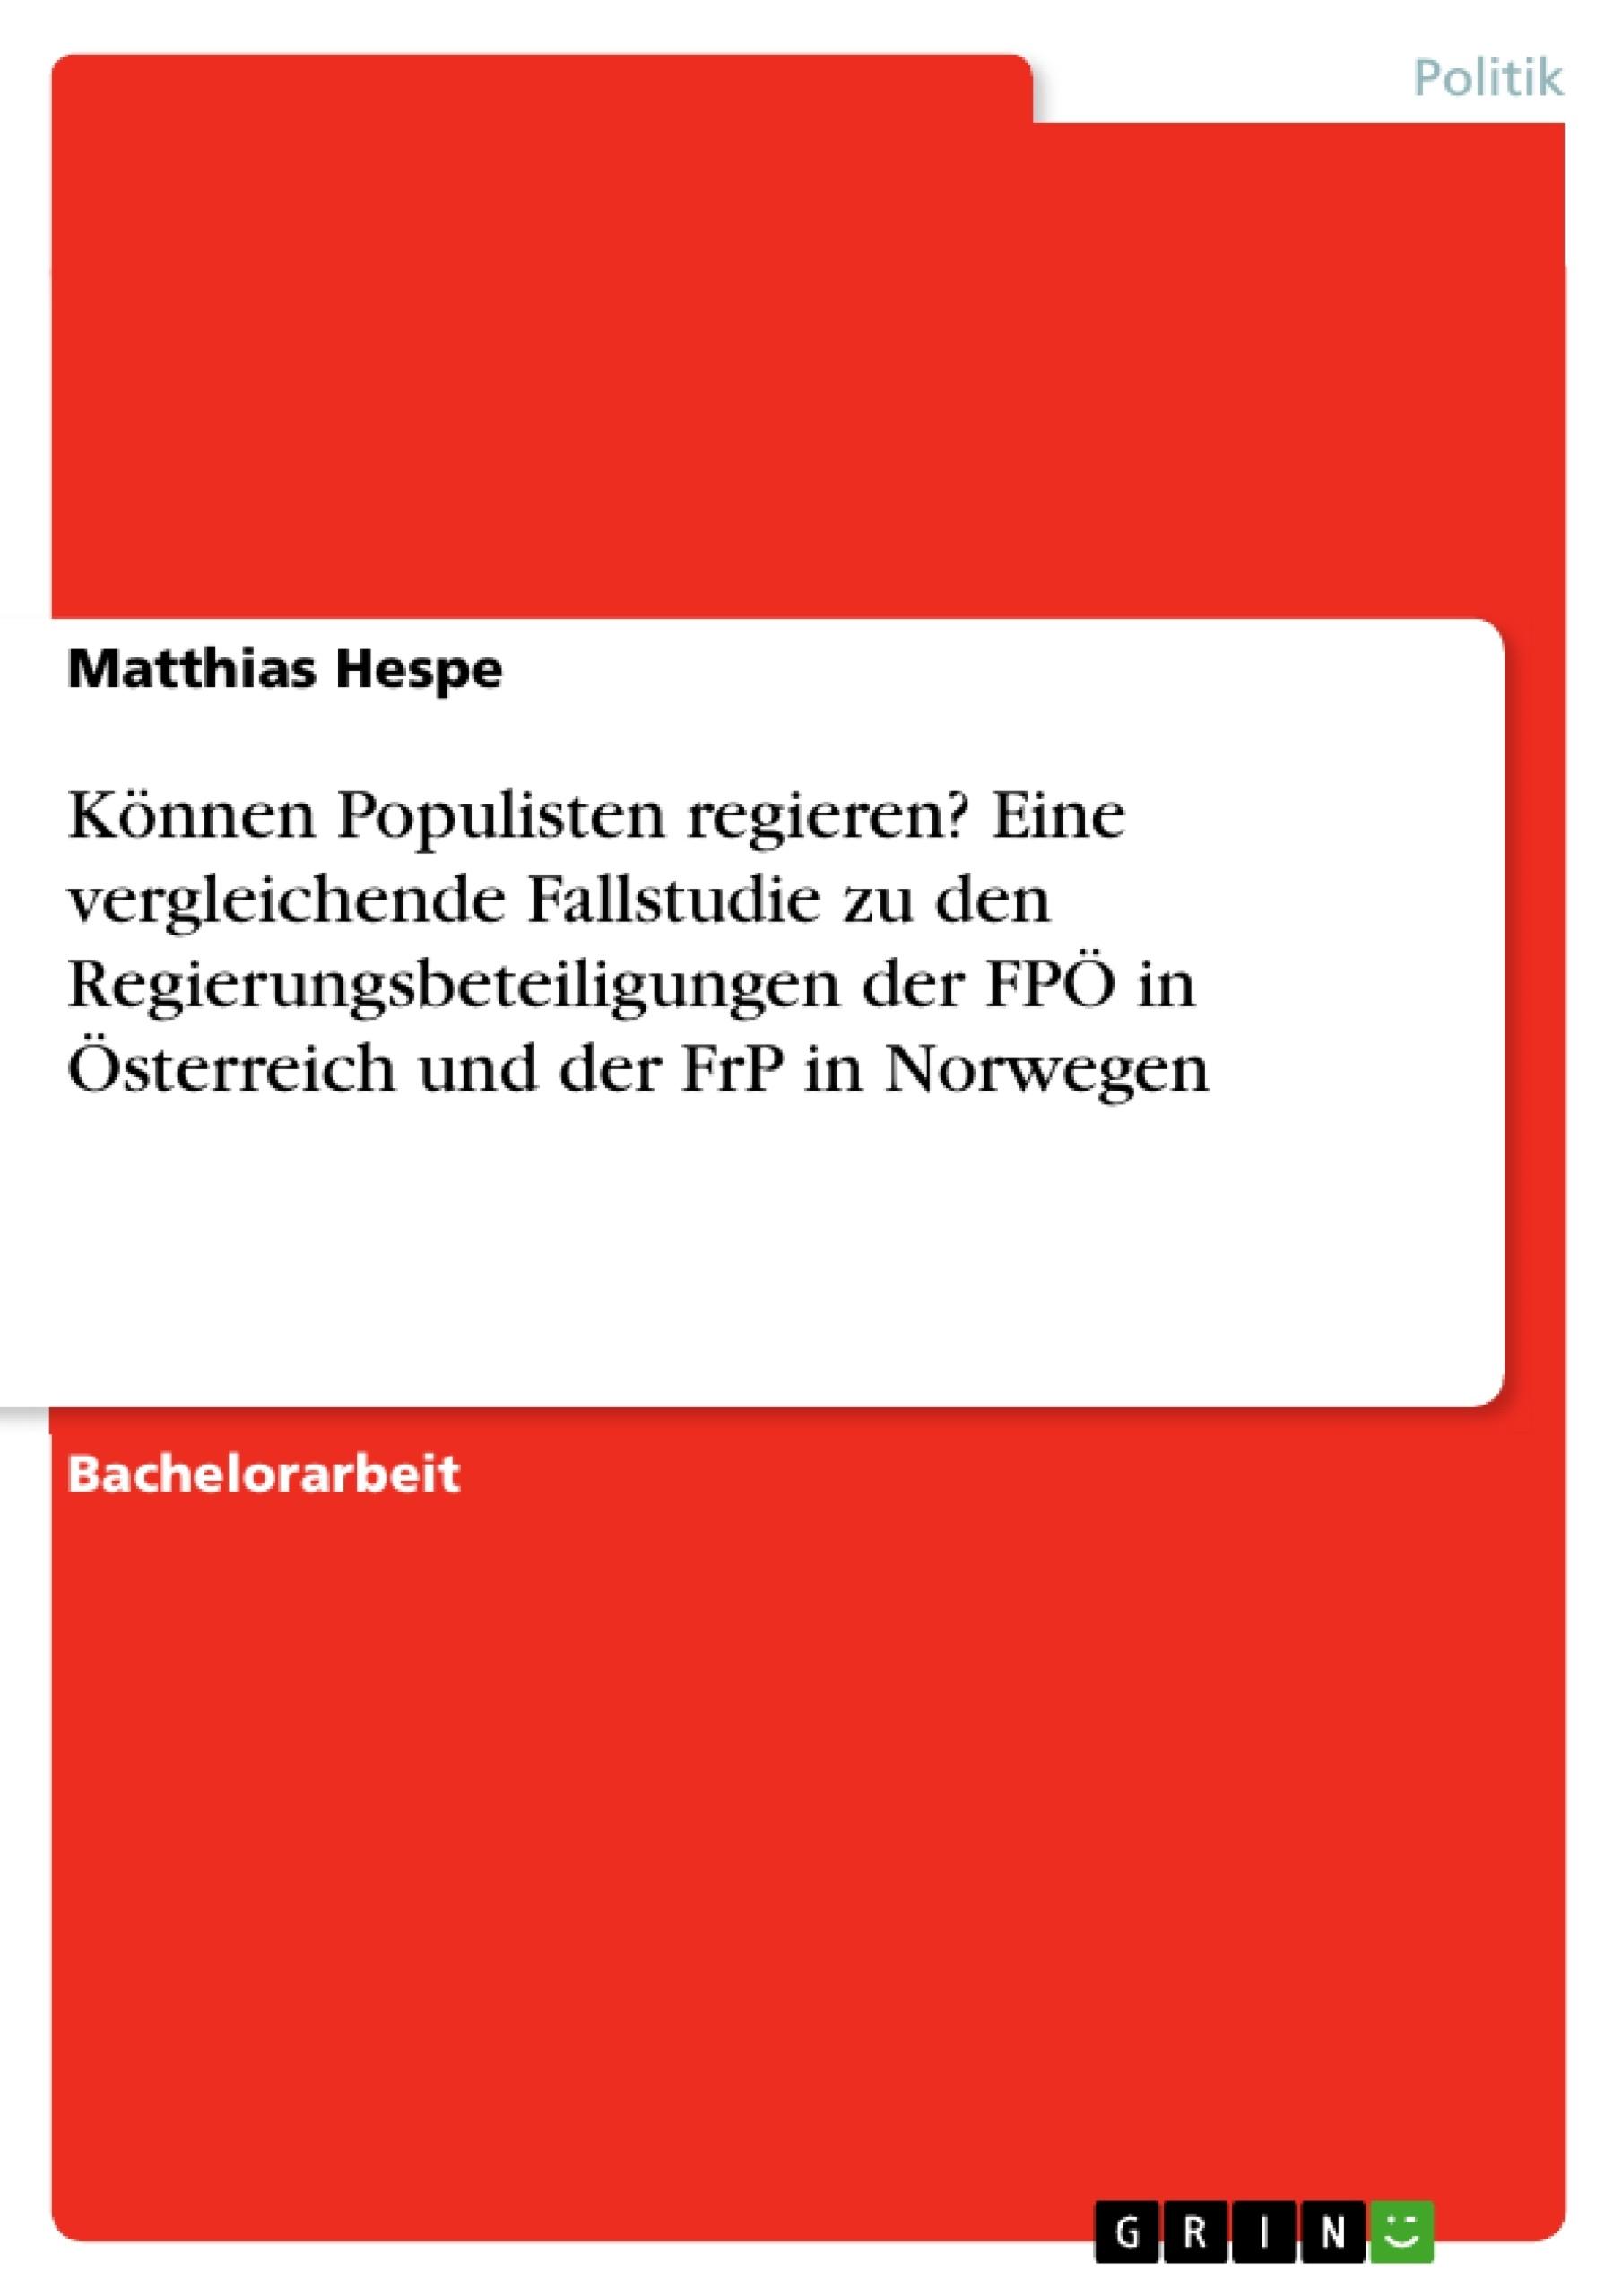 Titel: Können Populisten regieren? Eine vergleichende Fallstudie zu den Regierungsbeteiligungen der FPÖ in Österreich und der FrP in Norwegen